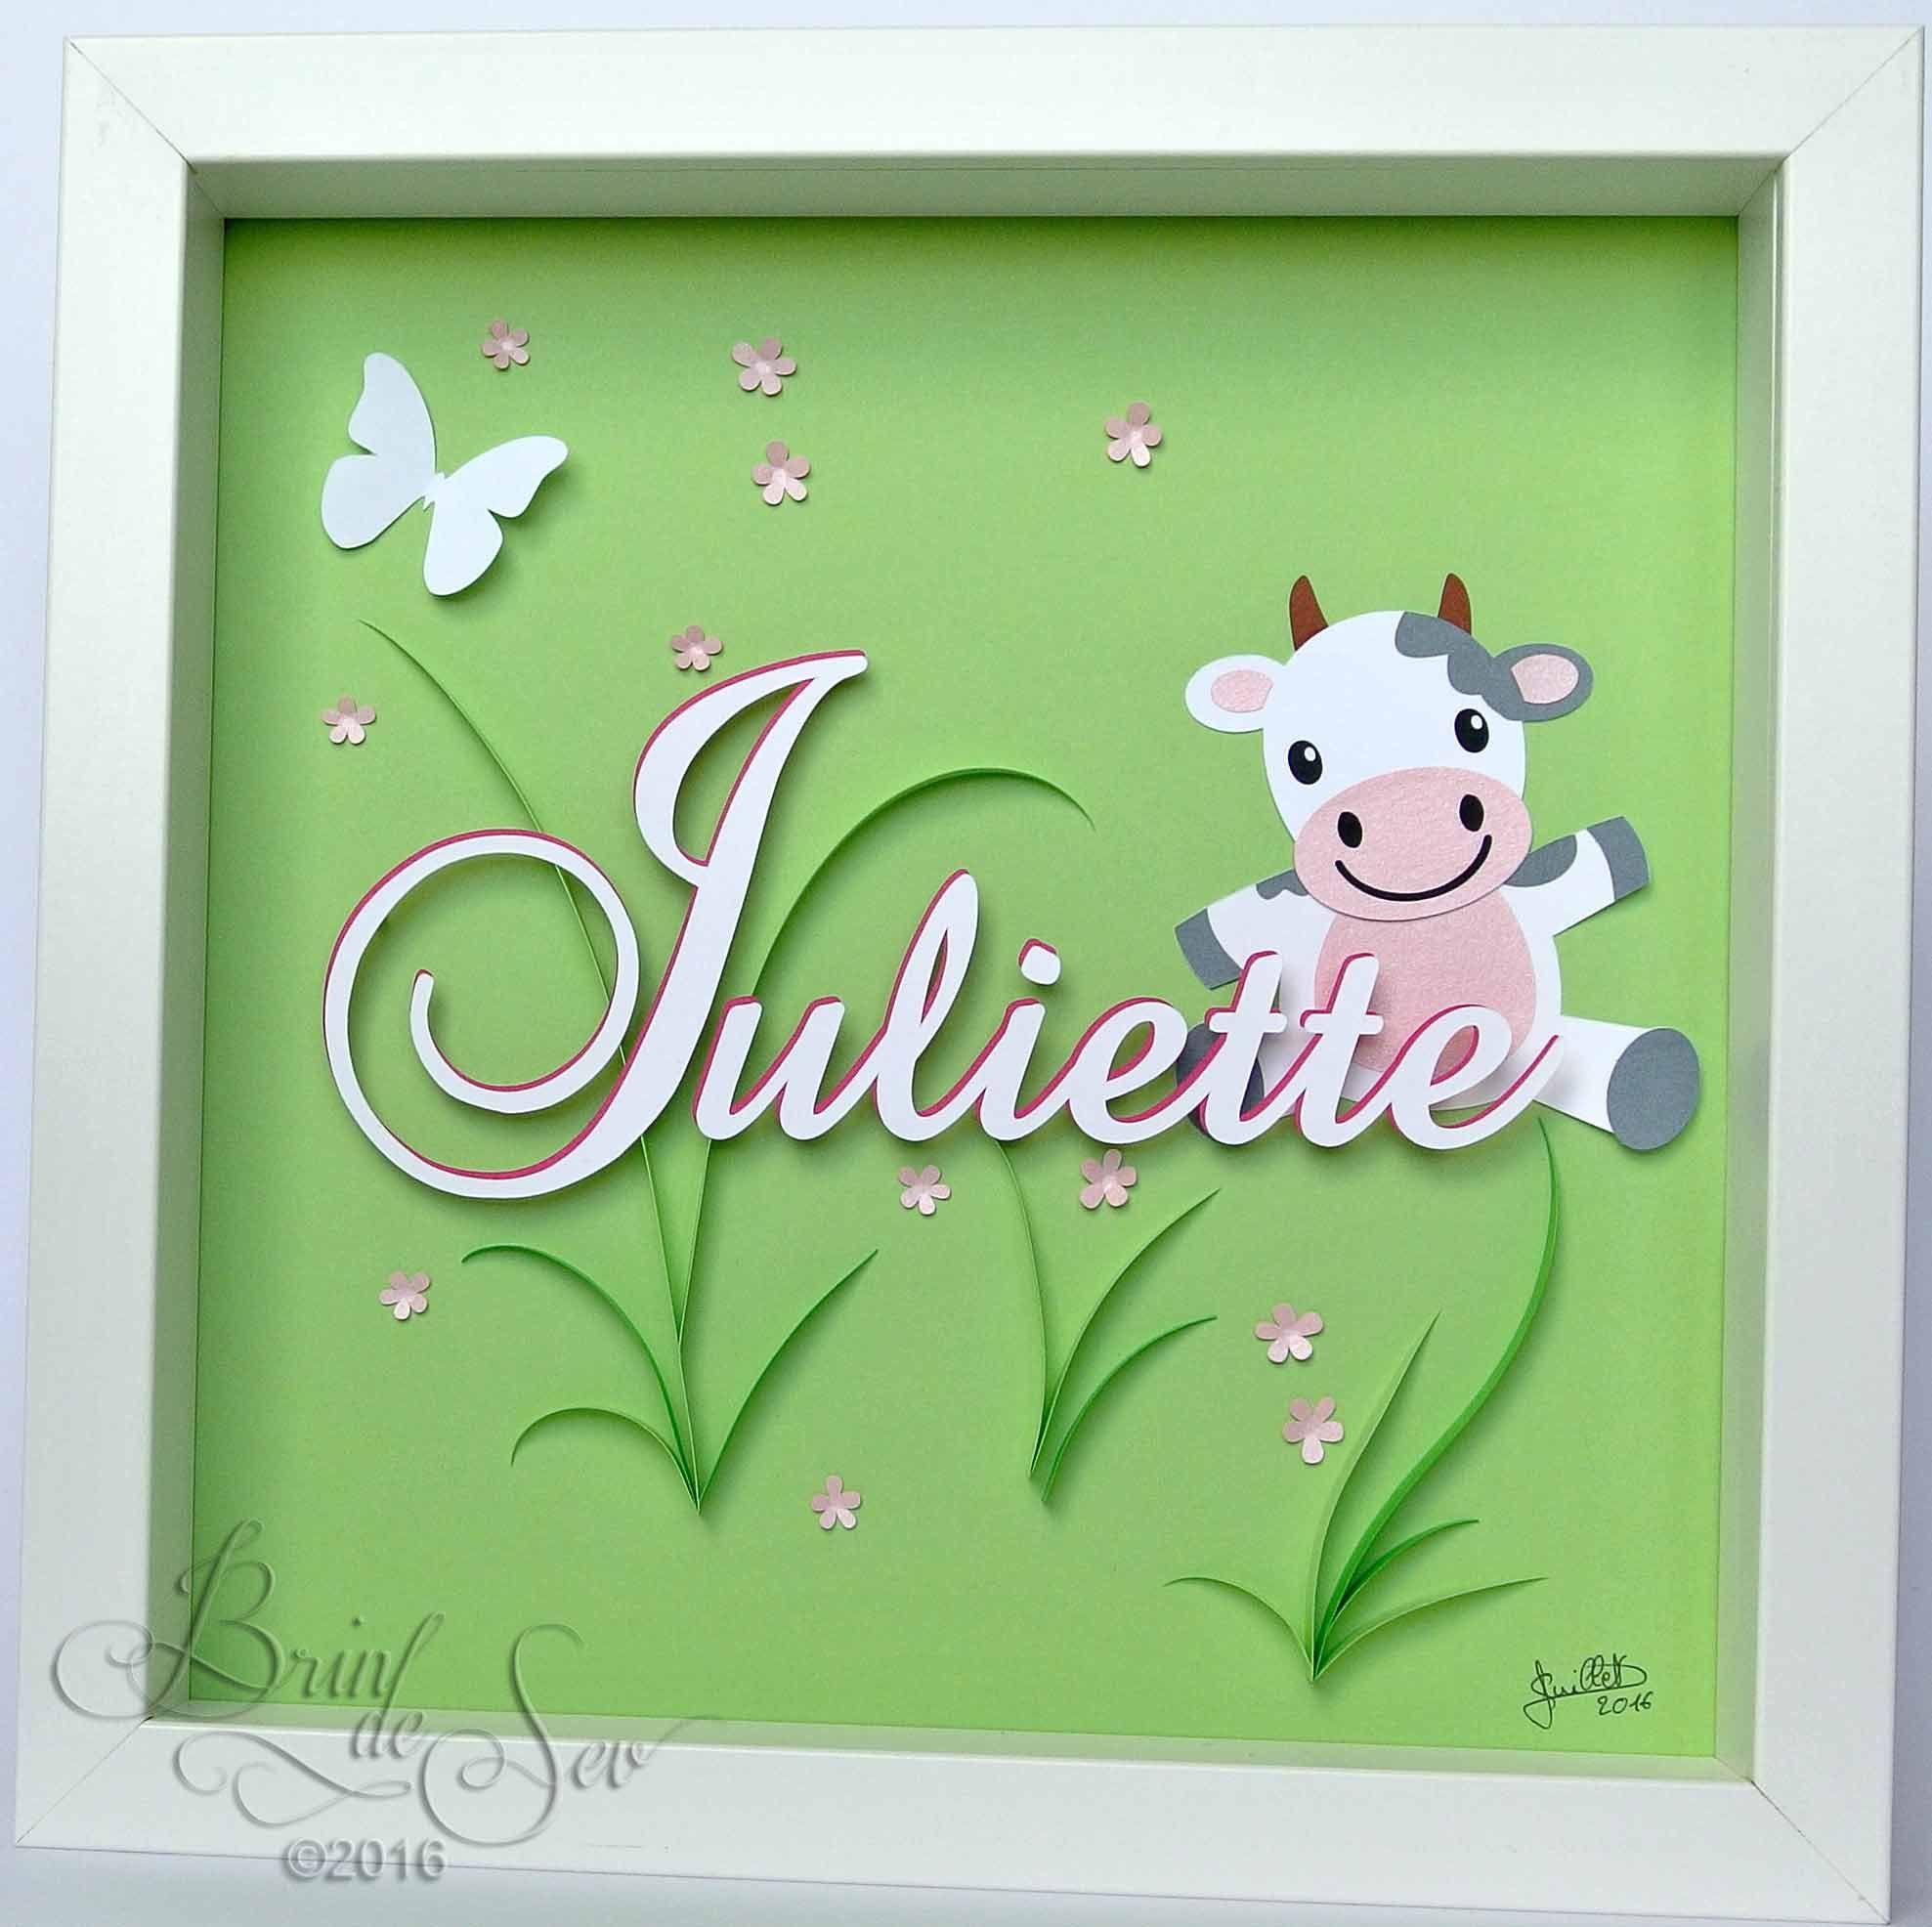 cadeau de naissance personnalis en quilling pour juliette une petite vache comme un clin d. Black Bedroom Furniture Sets. Home Design Ideas